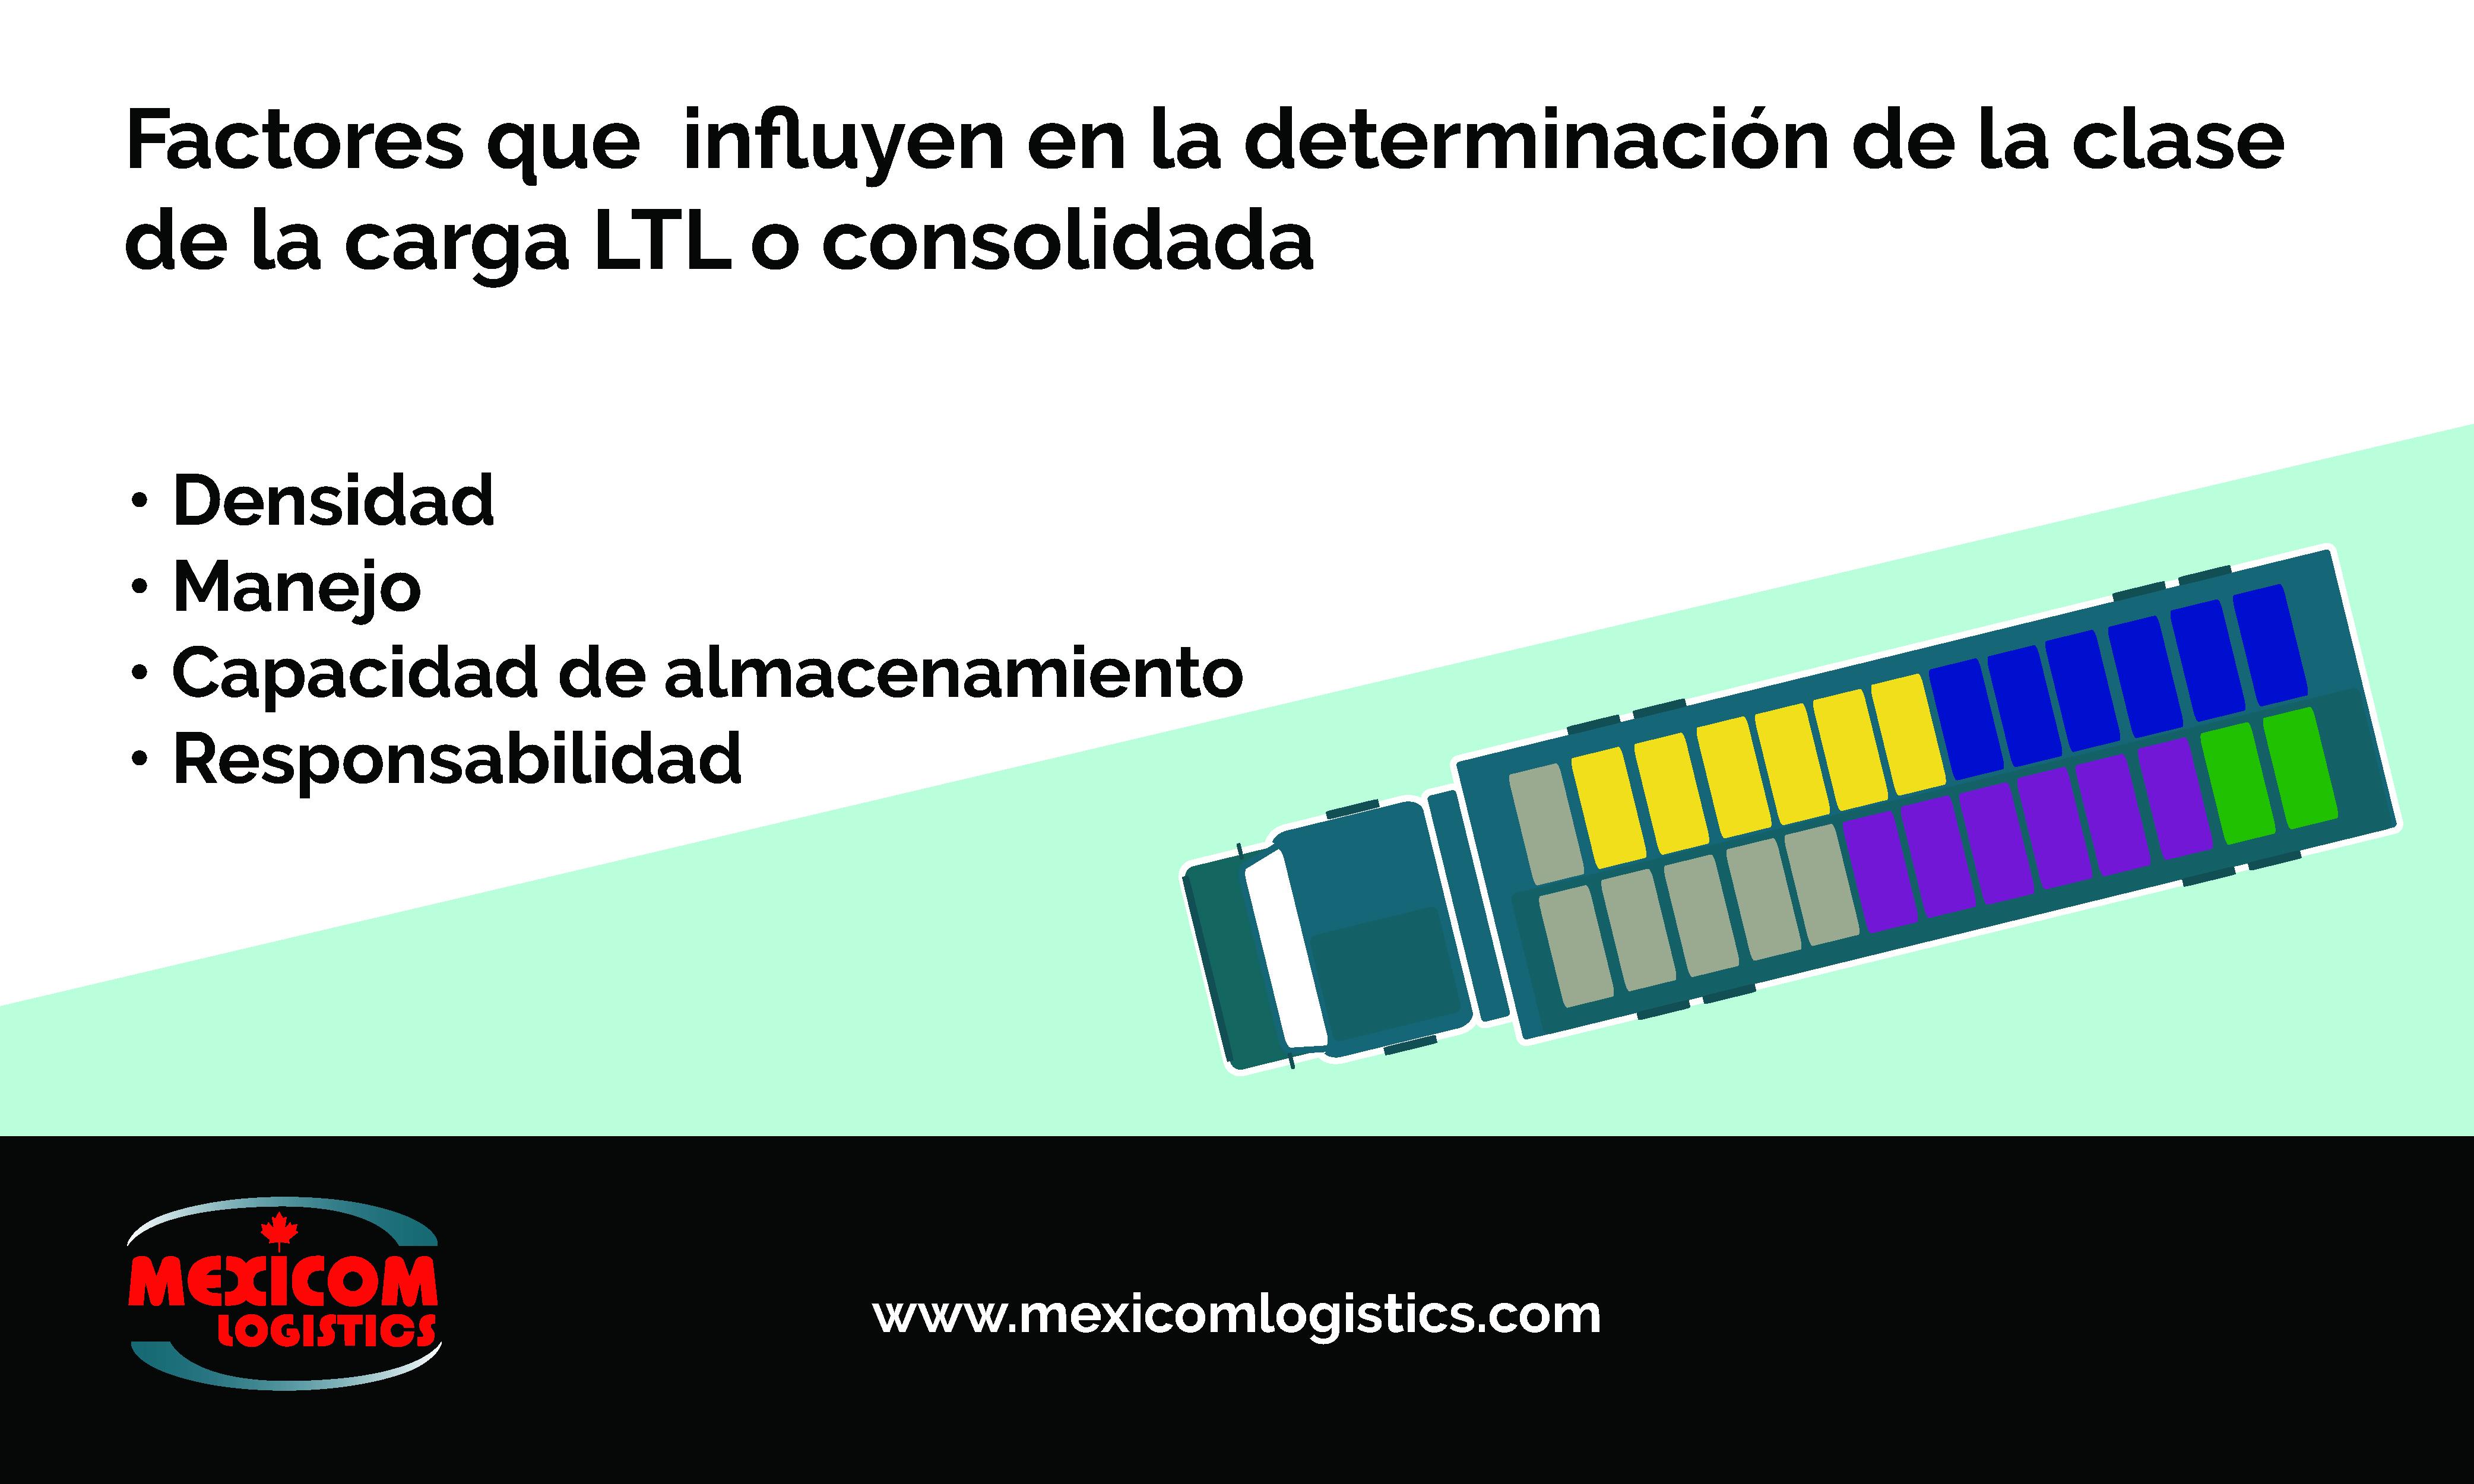 Factores que influyen en la determinacion de la clase LTL Mexicom Logistics